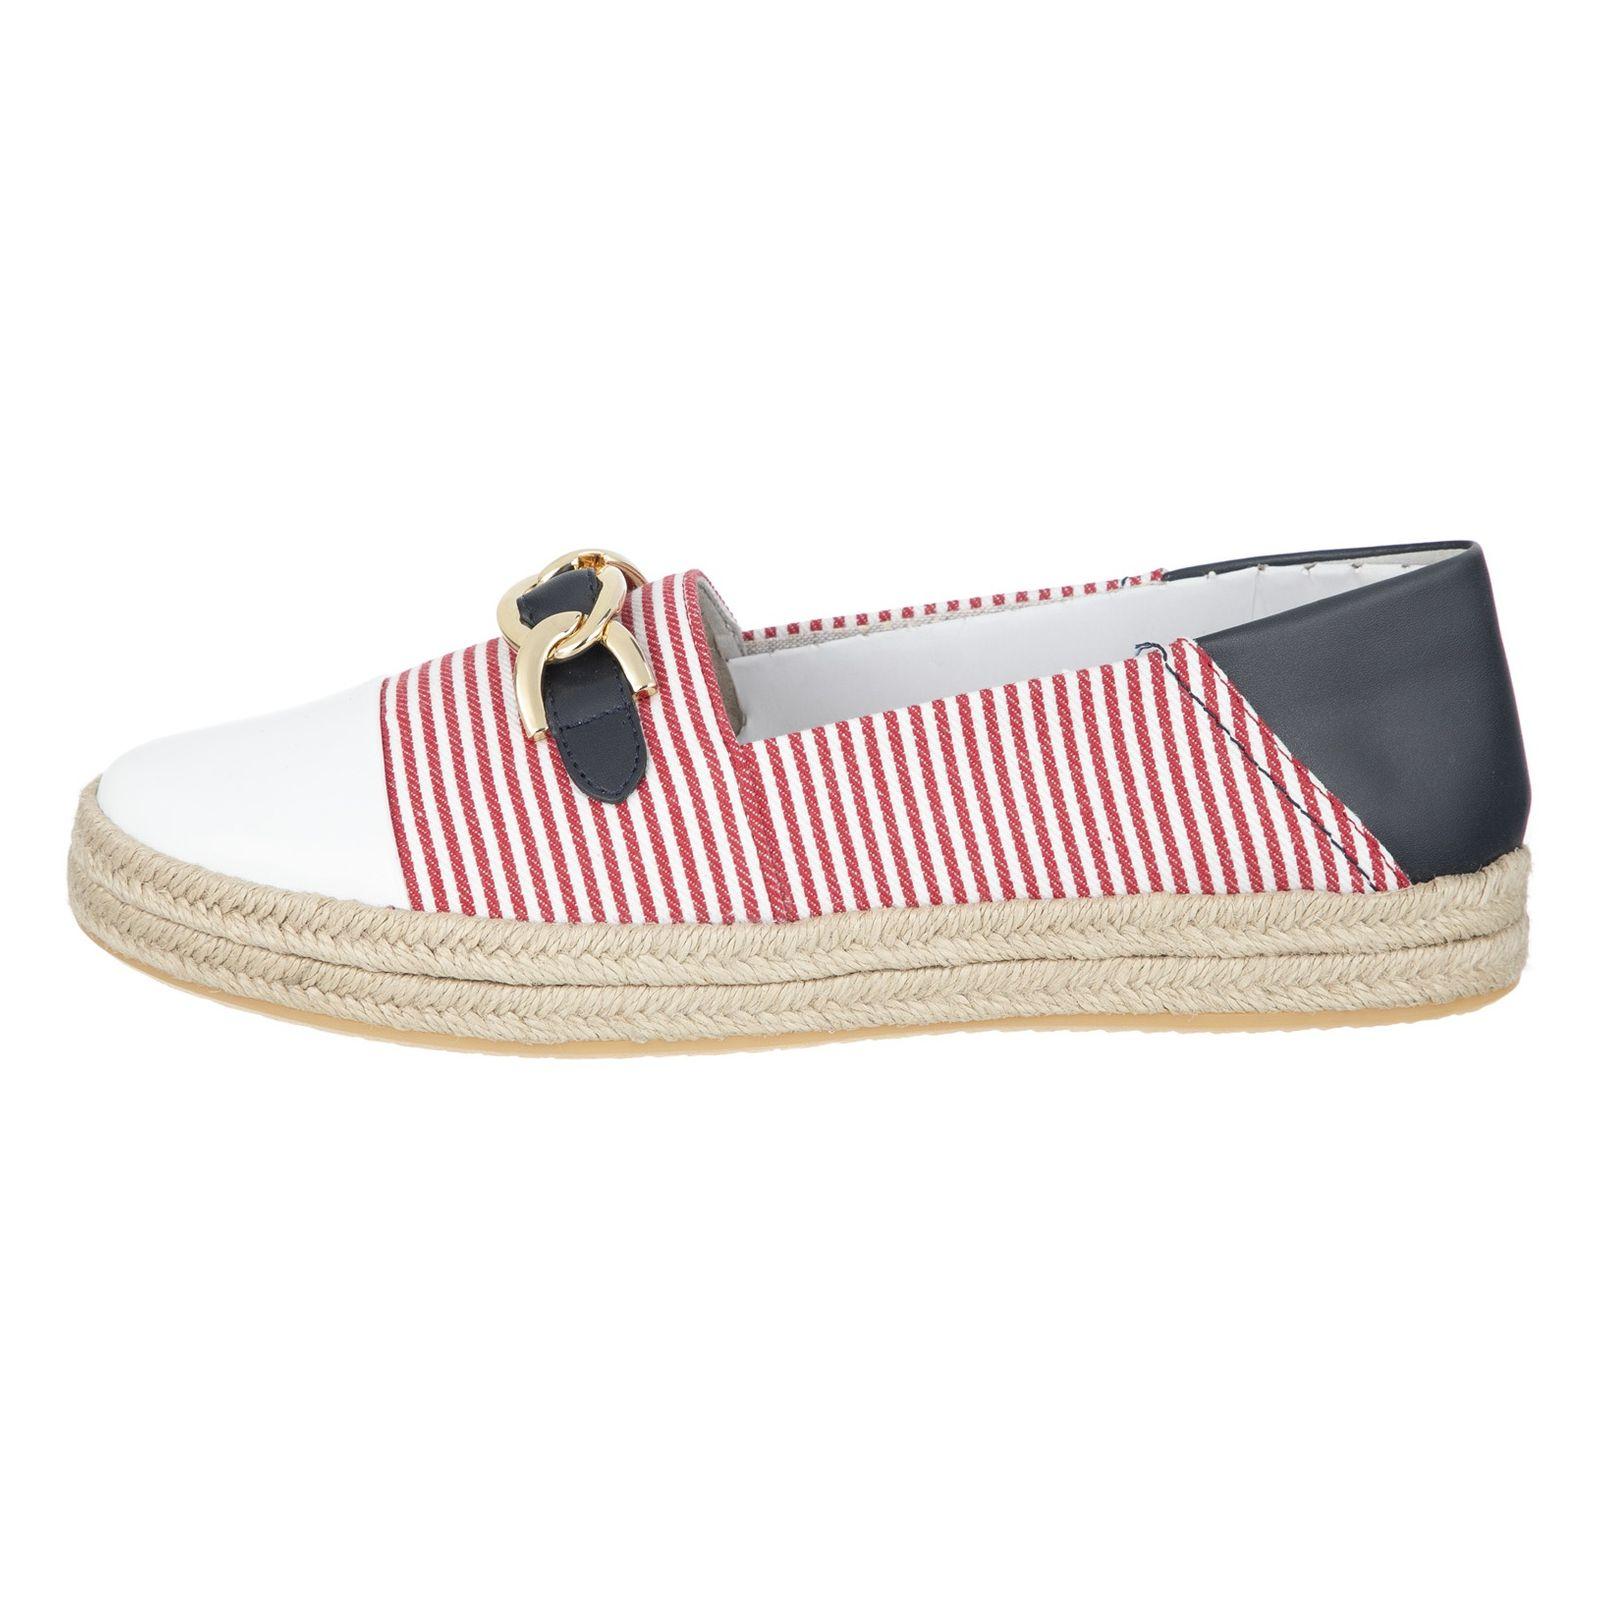 کفش زنانه جی اوکس مدل D8229E-0AWHH-C0003 - قرمز سفید - 1